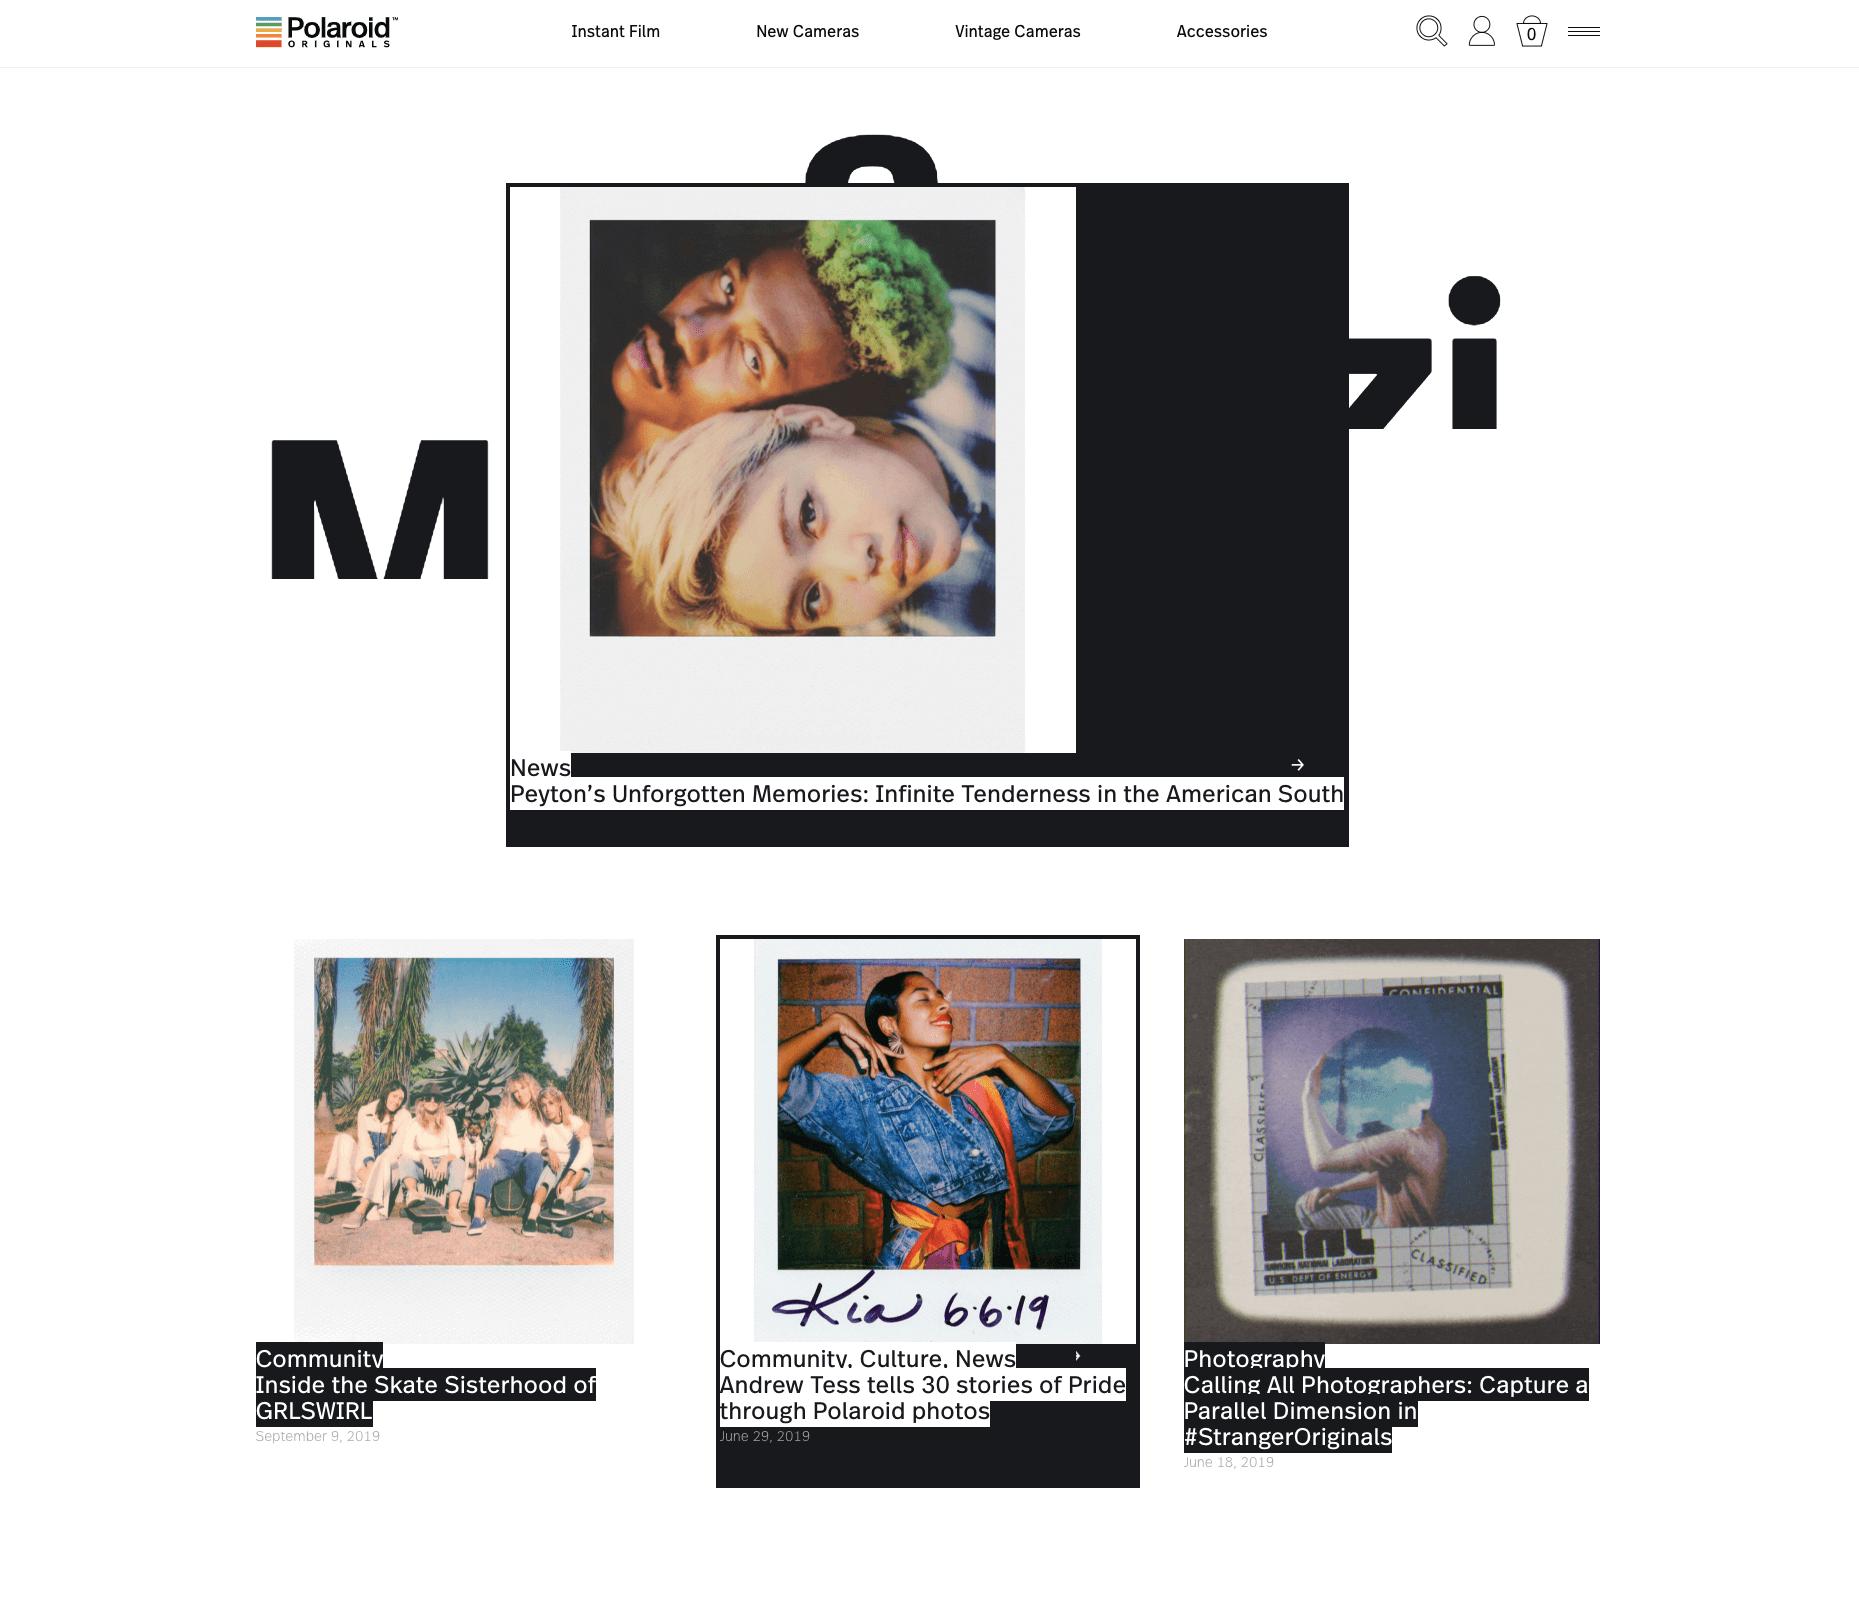 Brand storytelling - polaroid magazine